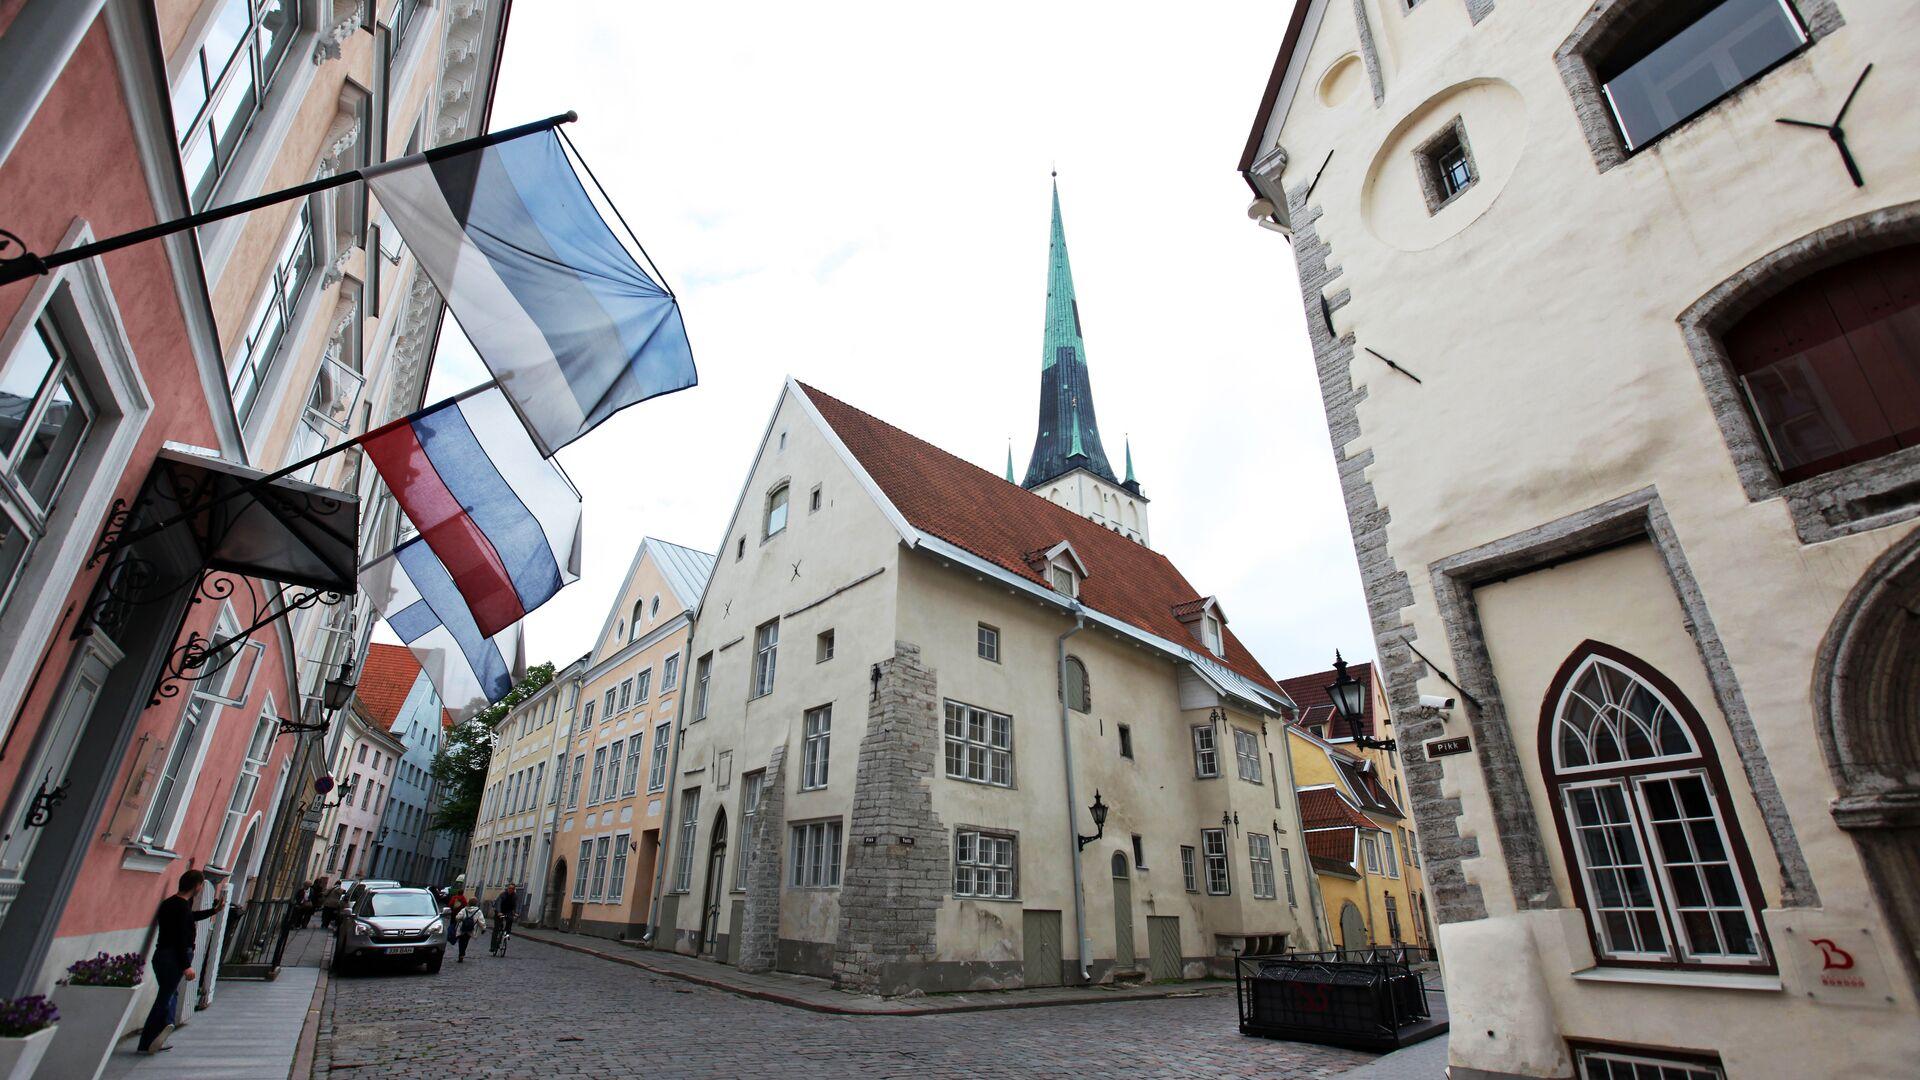 Флаги России и Эстонии в Таллине  - РИА Новости, 1920, 10.01.2021